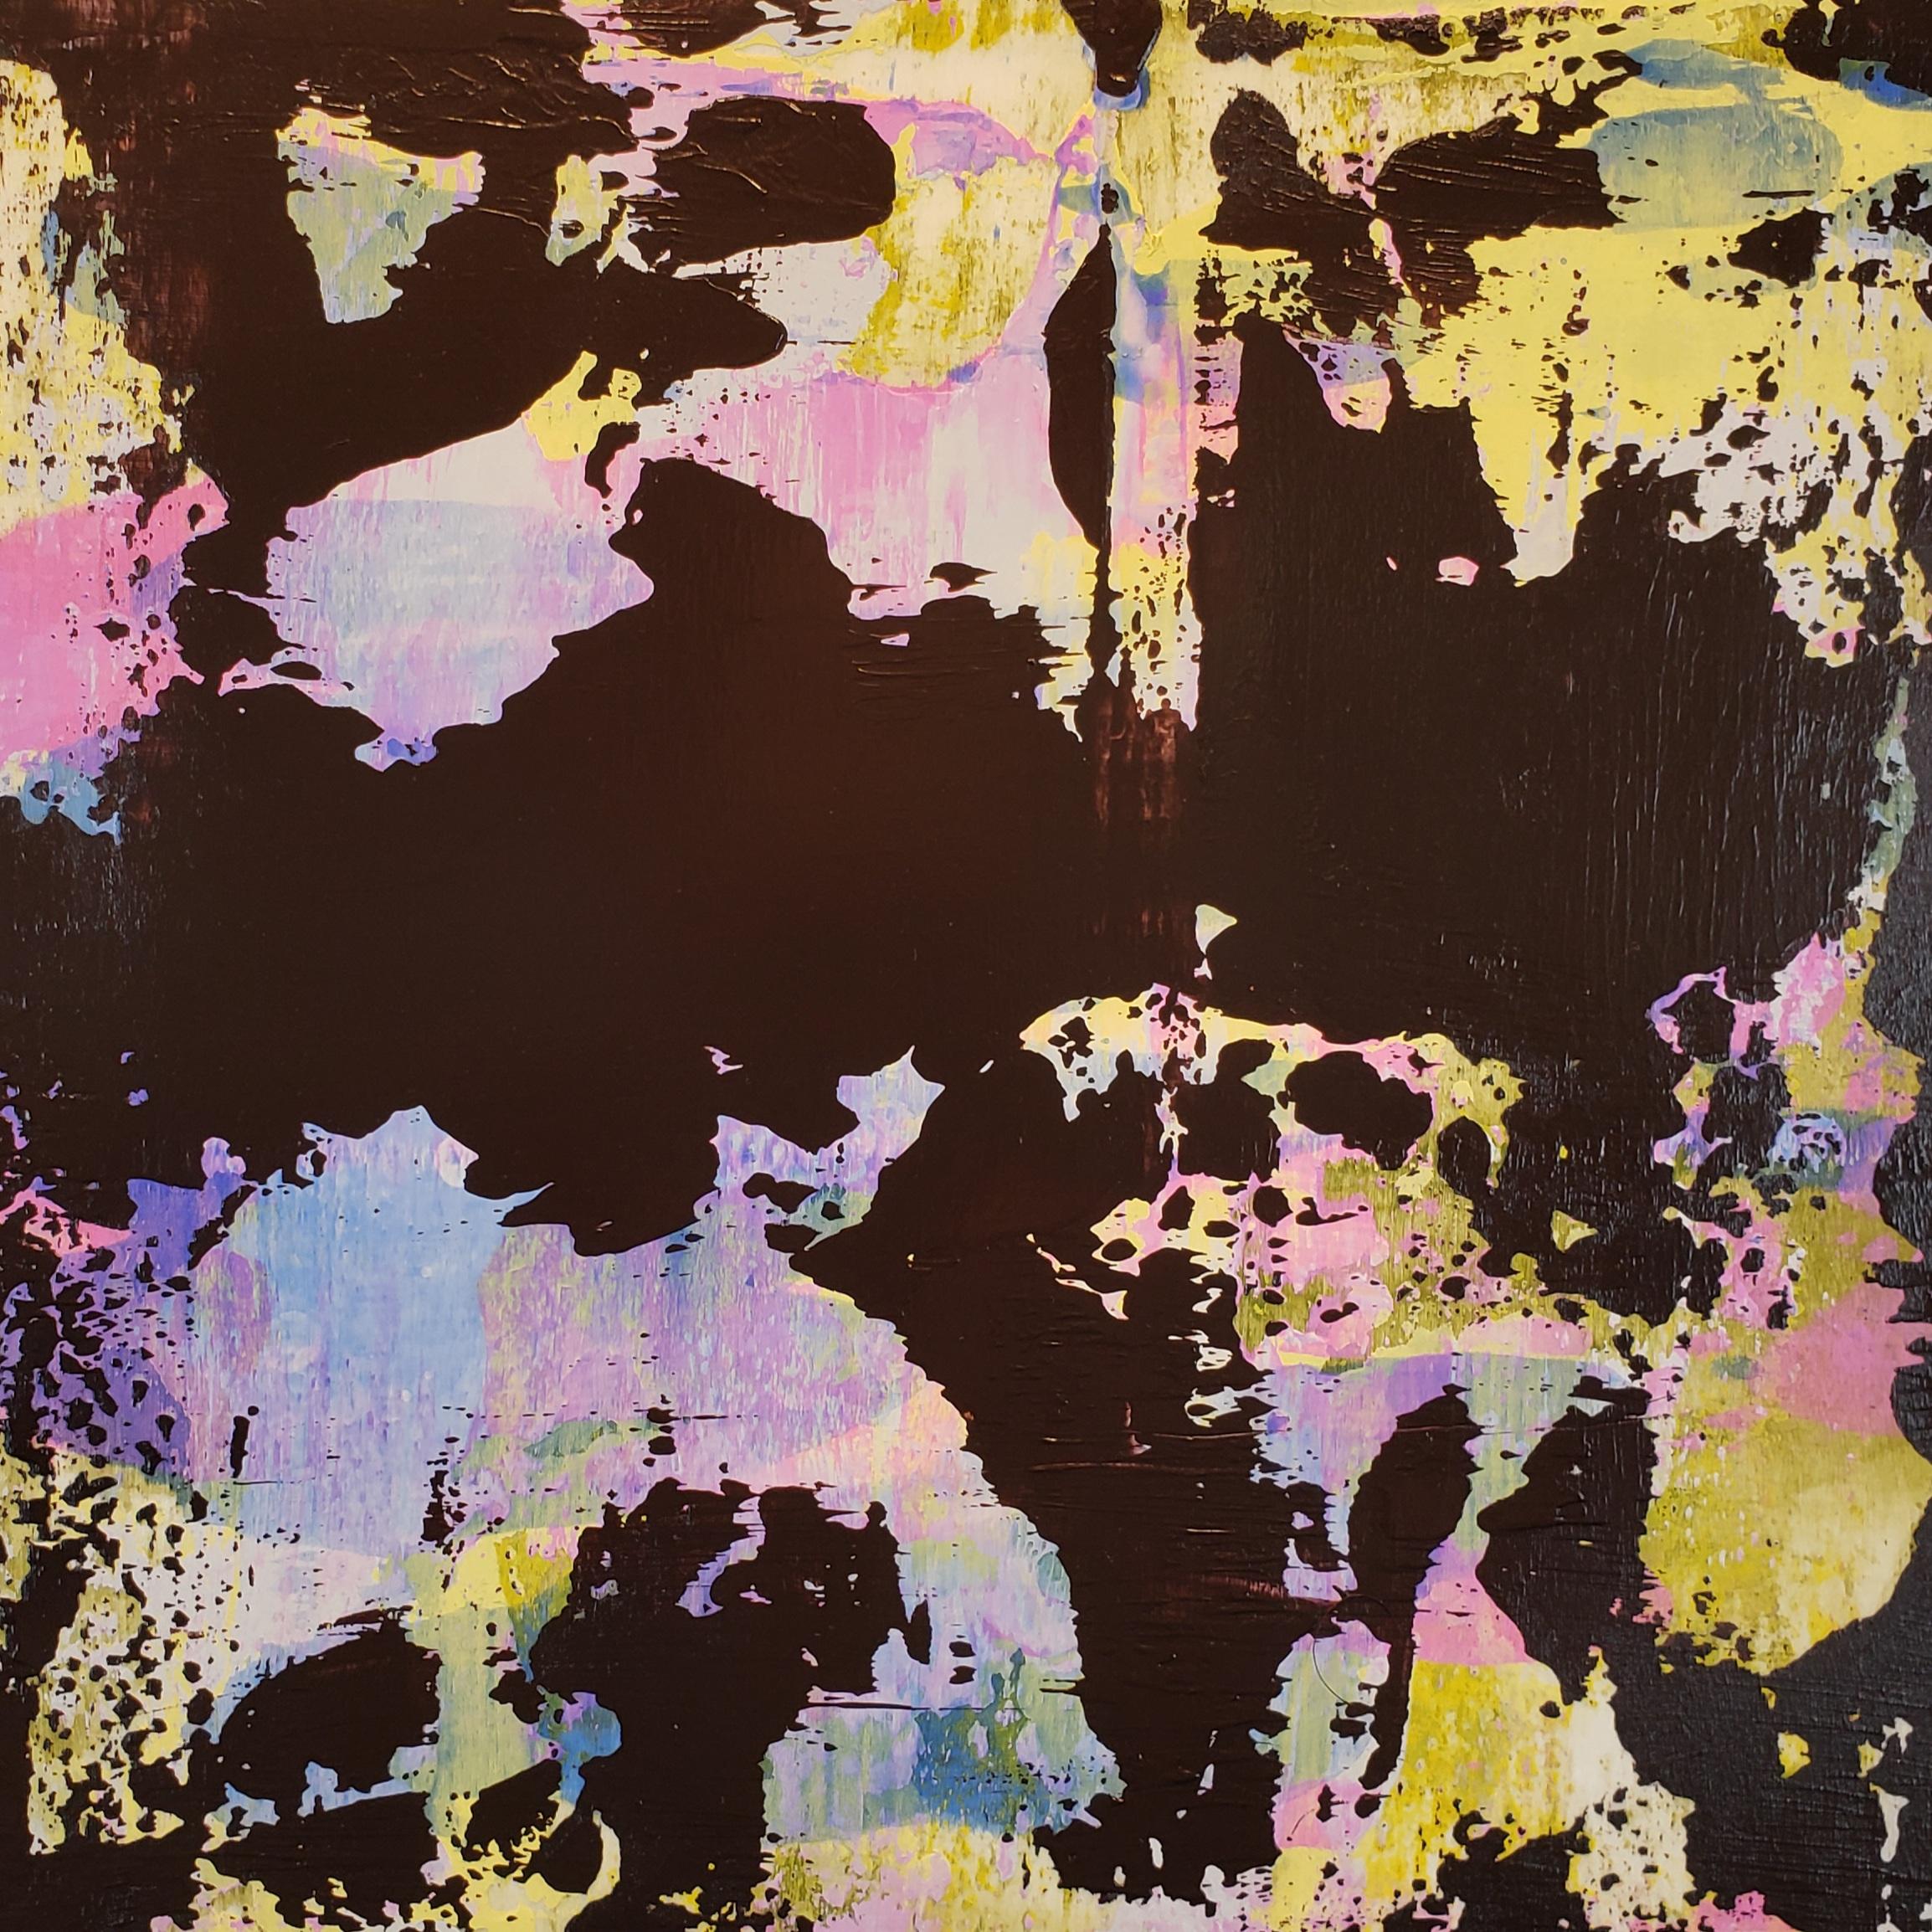 4 - Rorschach Geographic